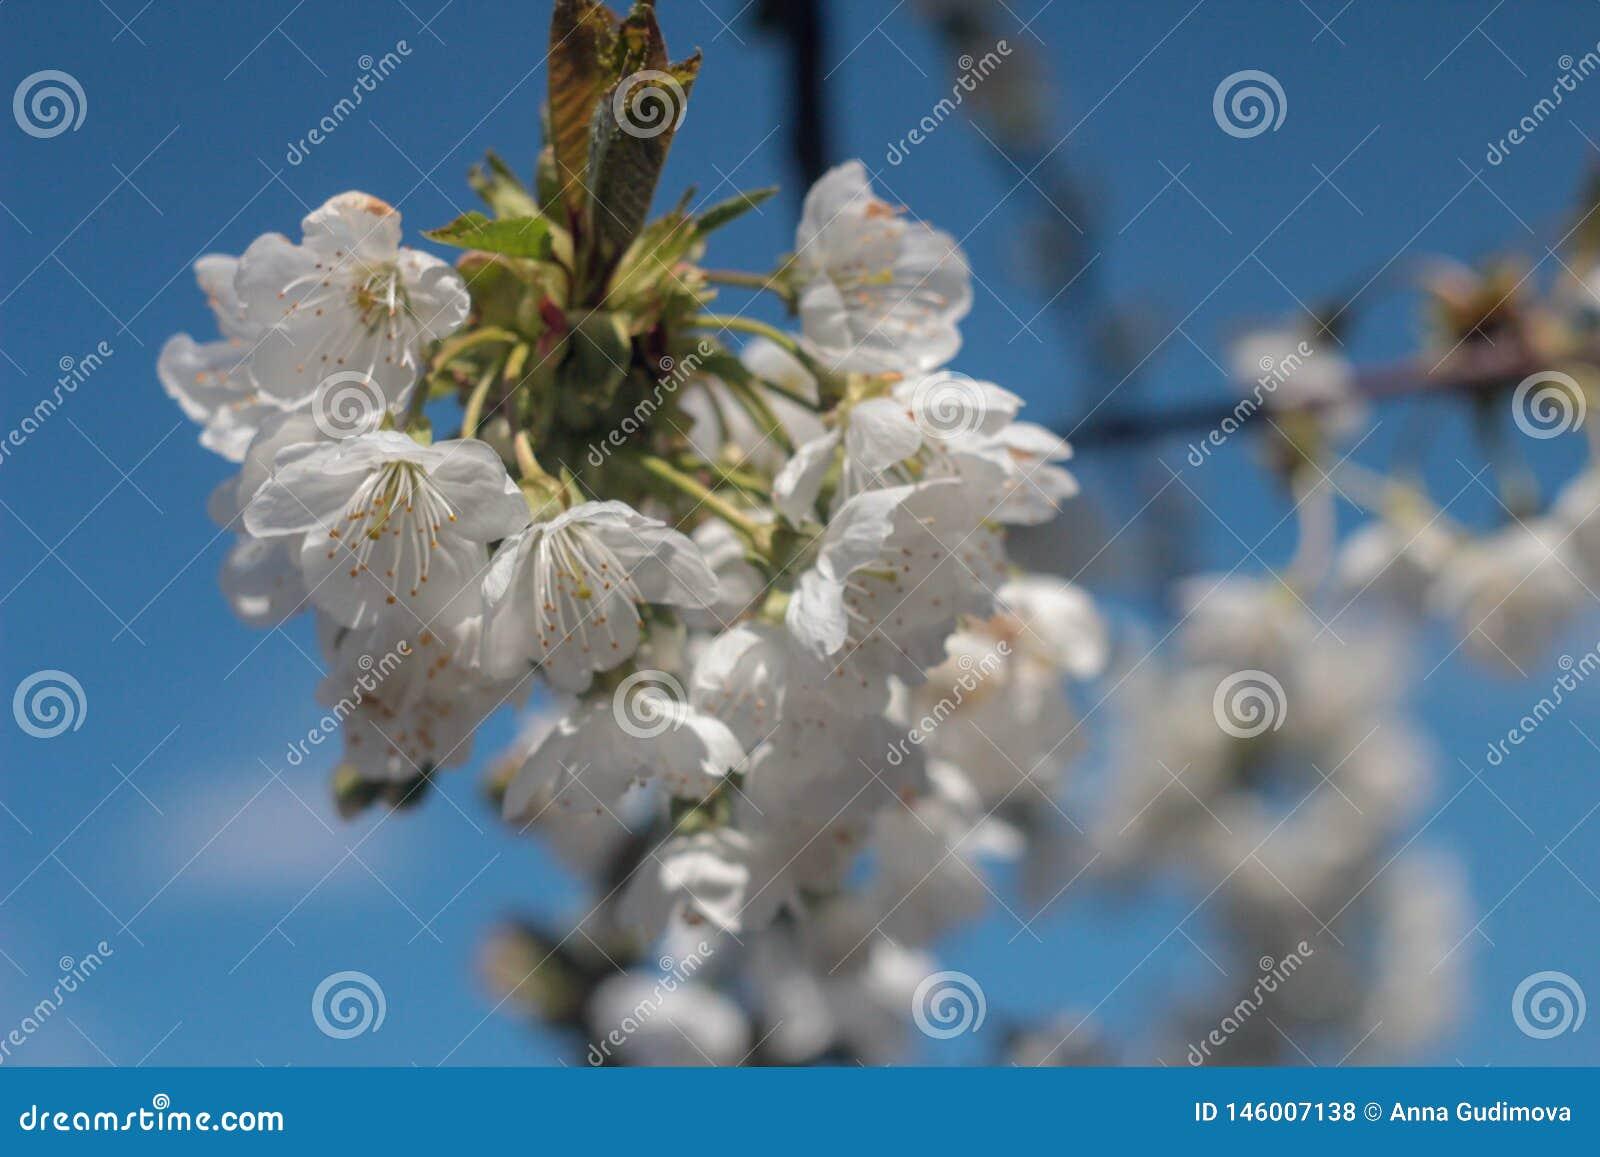 Foto van bloeiende kersenboom